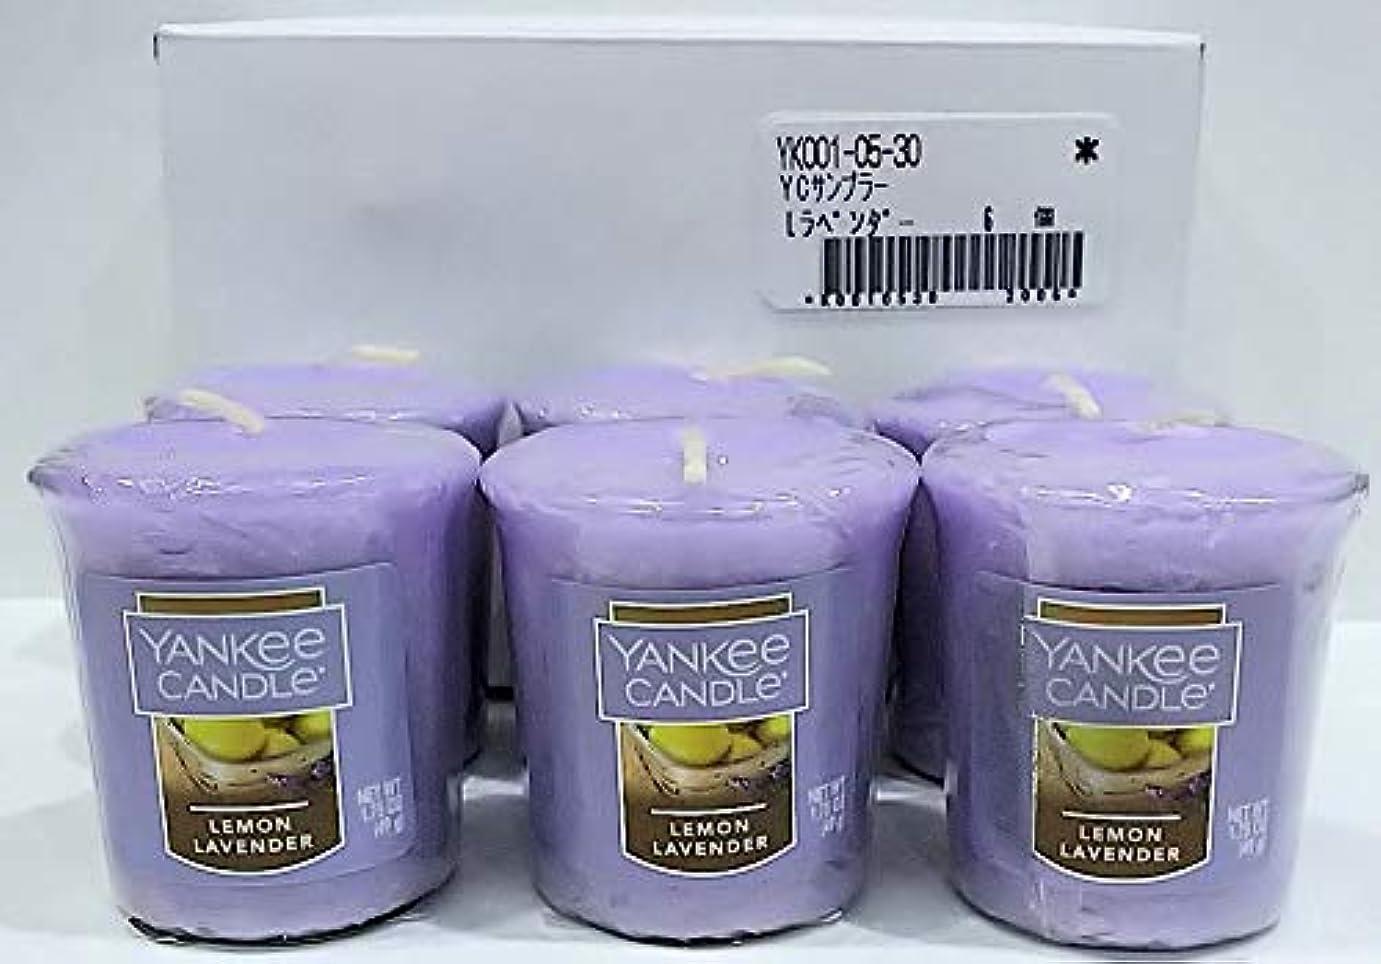 常に白い刺すヤンキーキャンドル サンプラー お試しサイズ レモンラベンダー 6個セット 燃焼時間約15時間 YANKEECANDLE アメリカ製